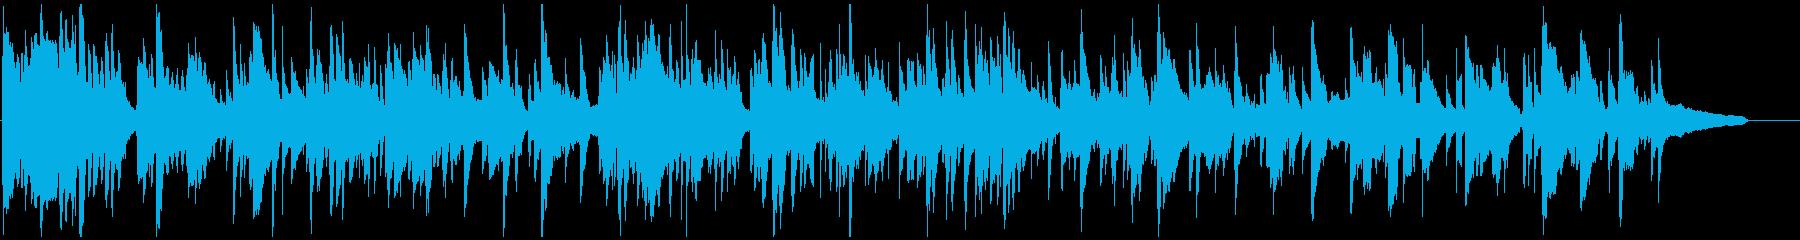 艶めかしいエロいムードの下品なサックスの再生済みの波形